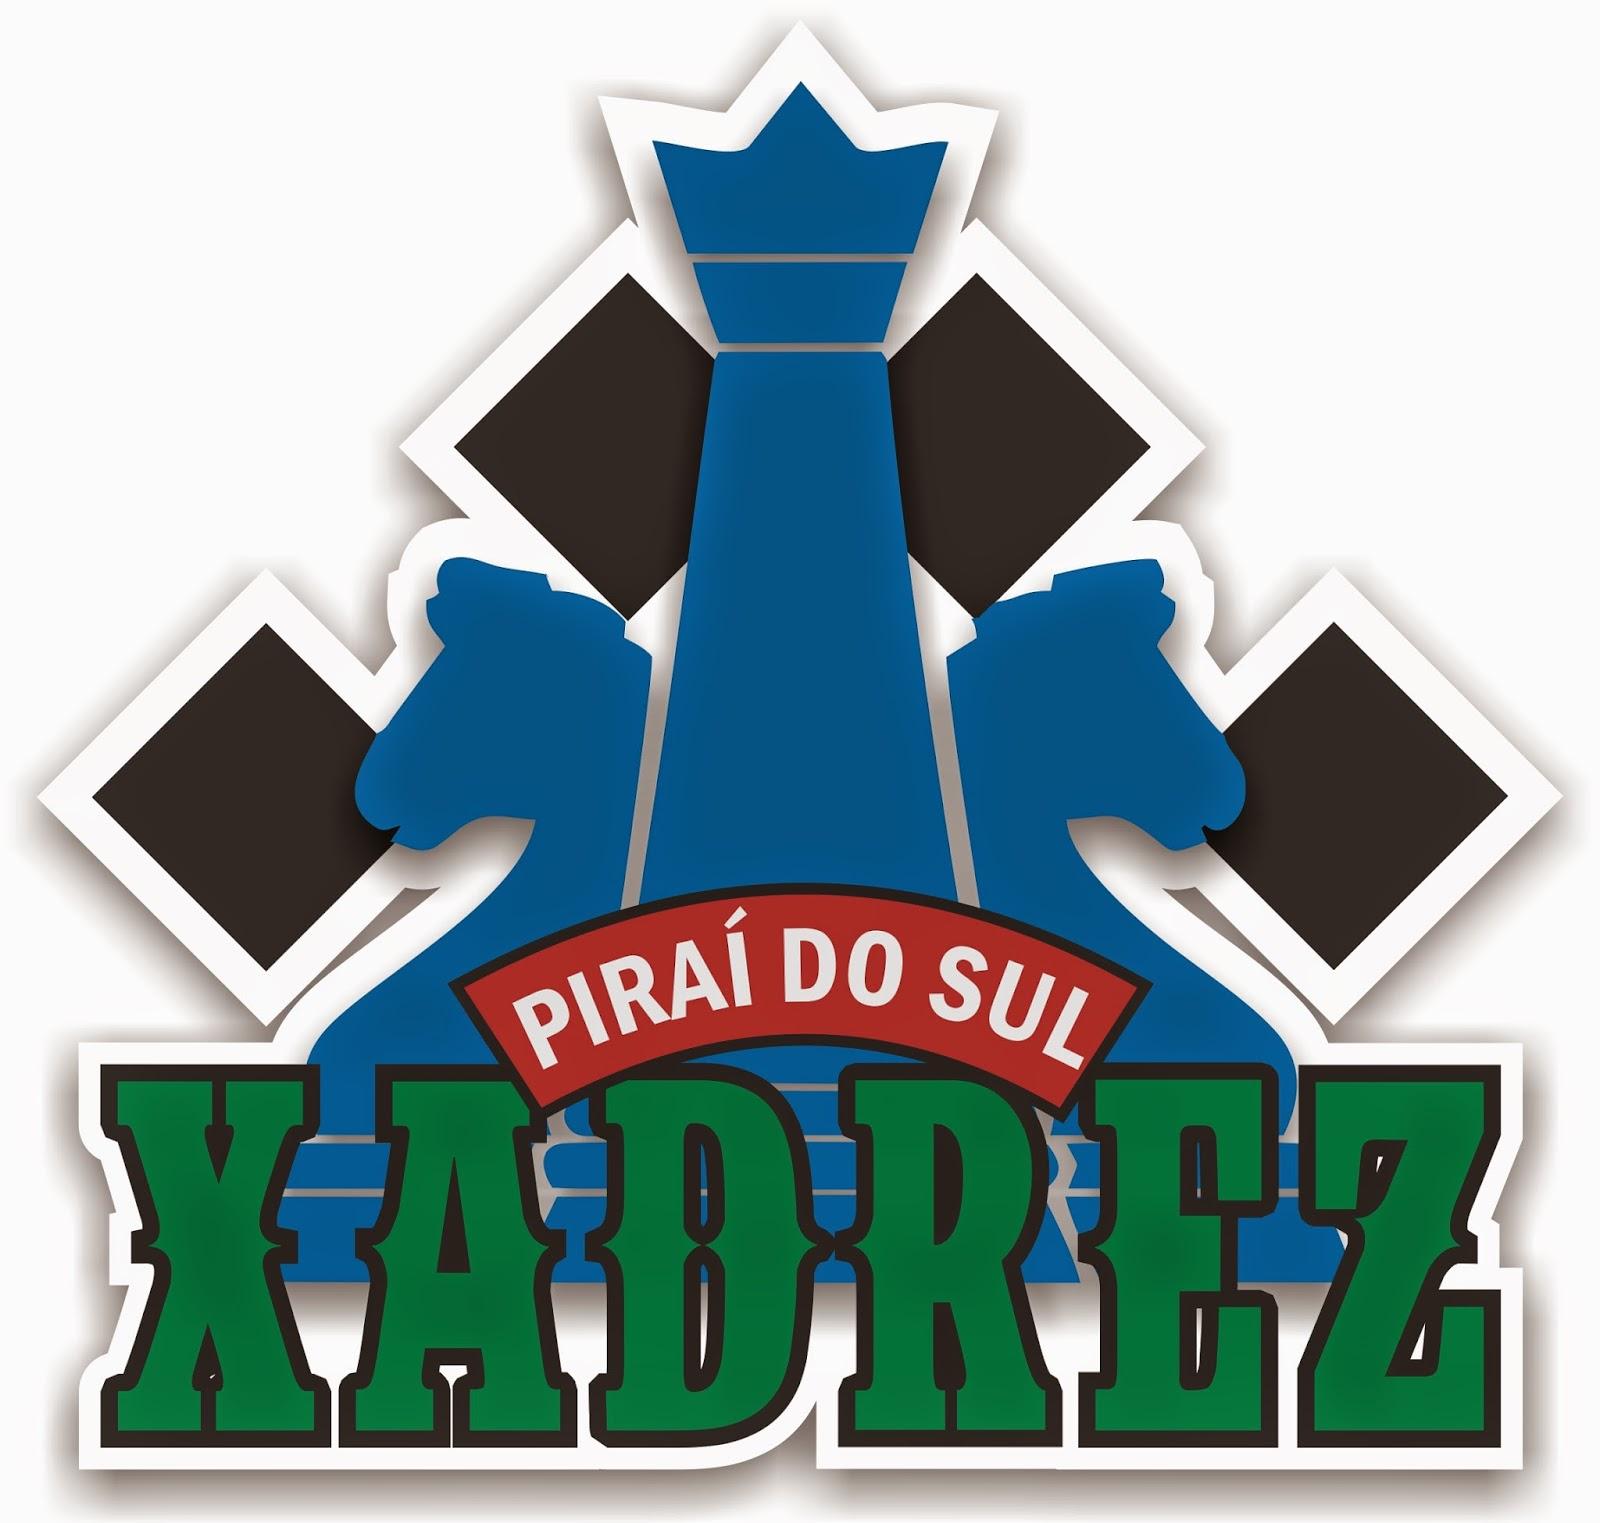 Xadrez Piraí